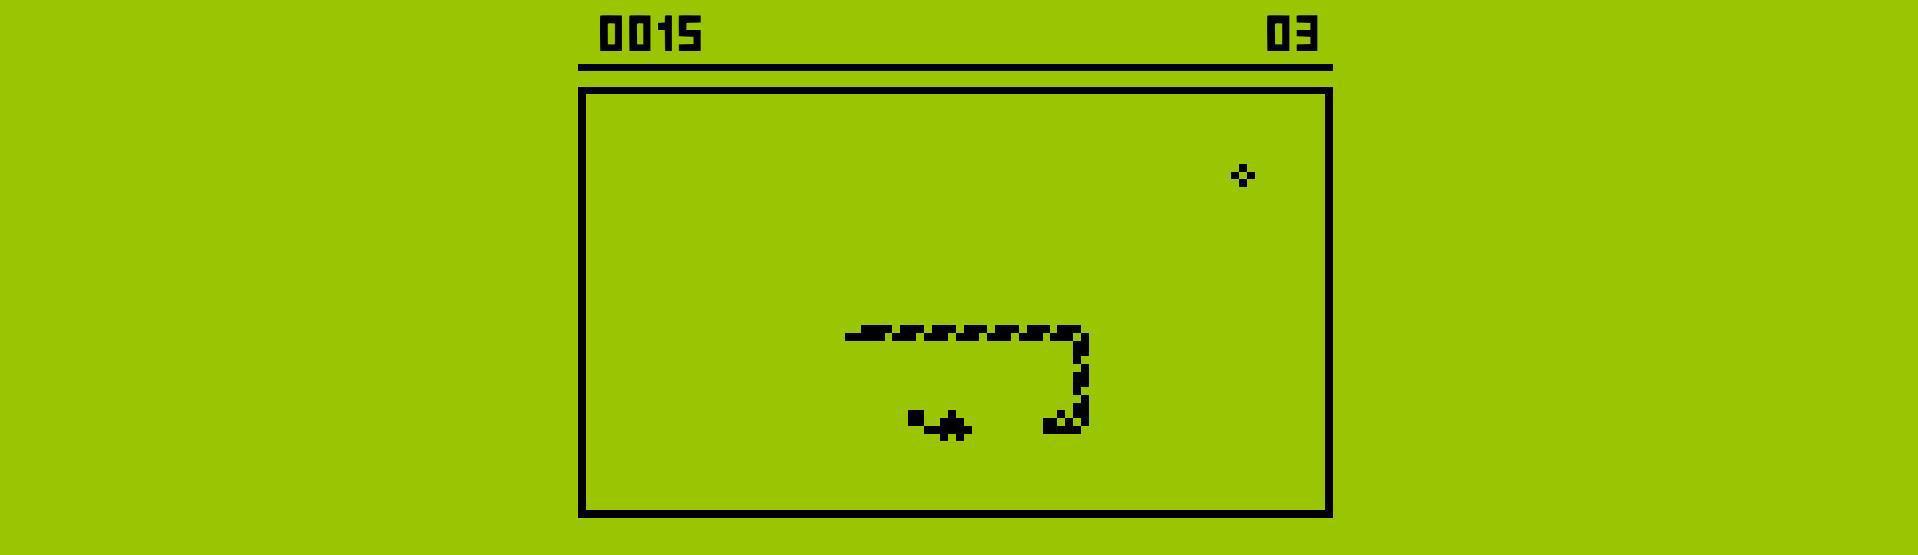 Imagen del videojuego Snake